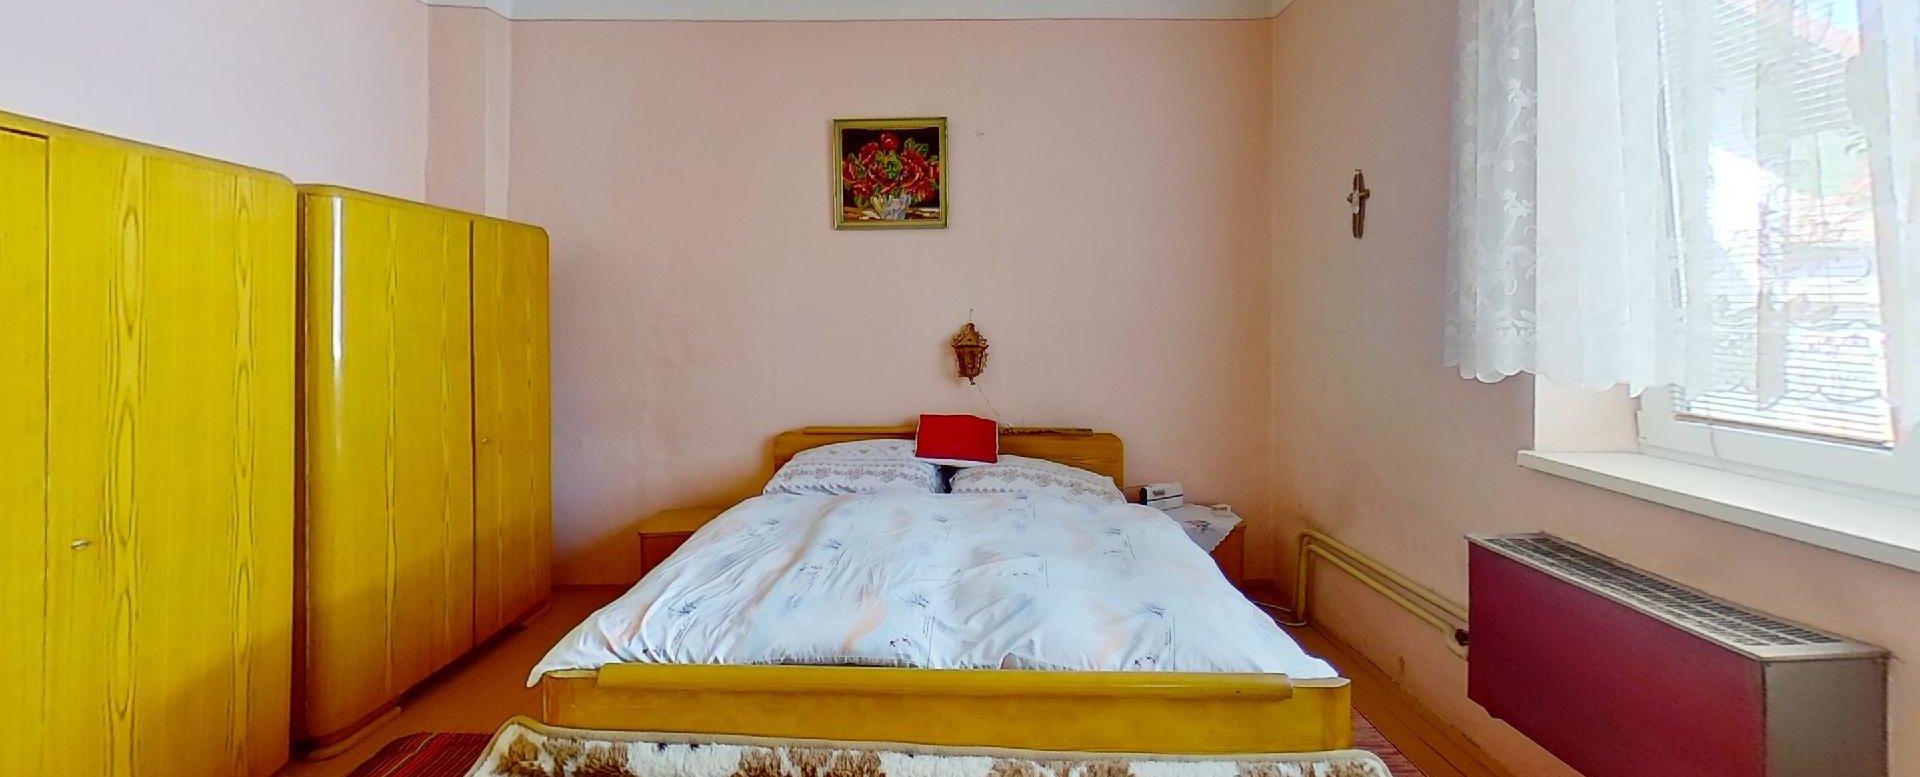 Spálňa pohľad 3